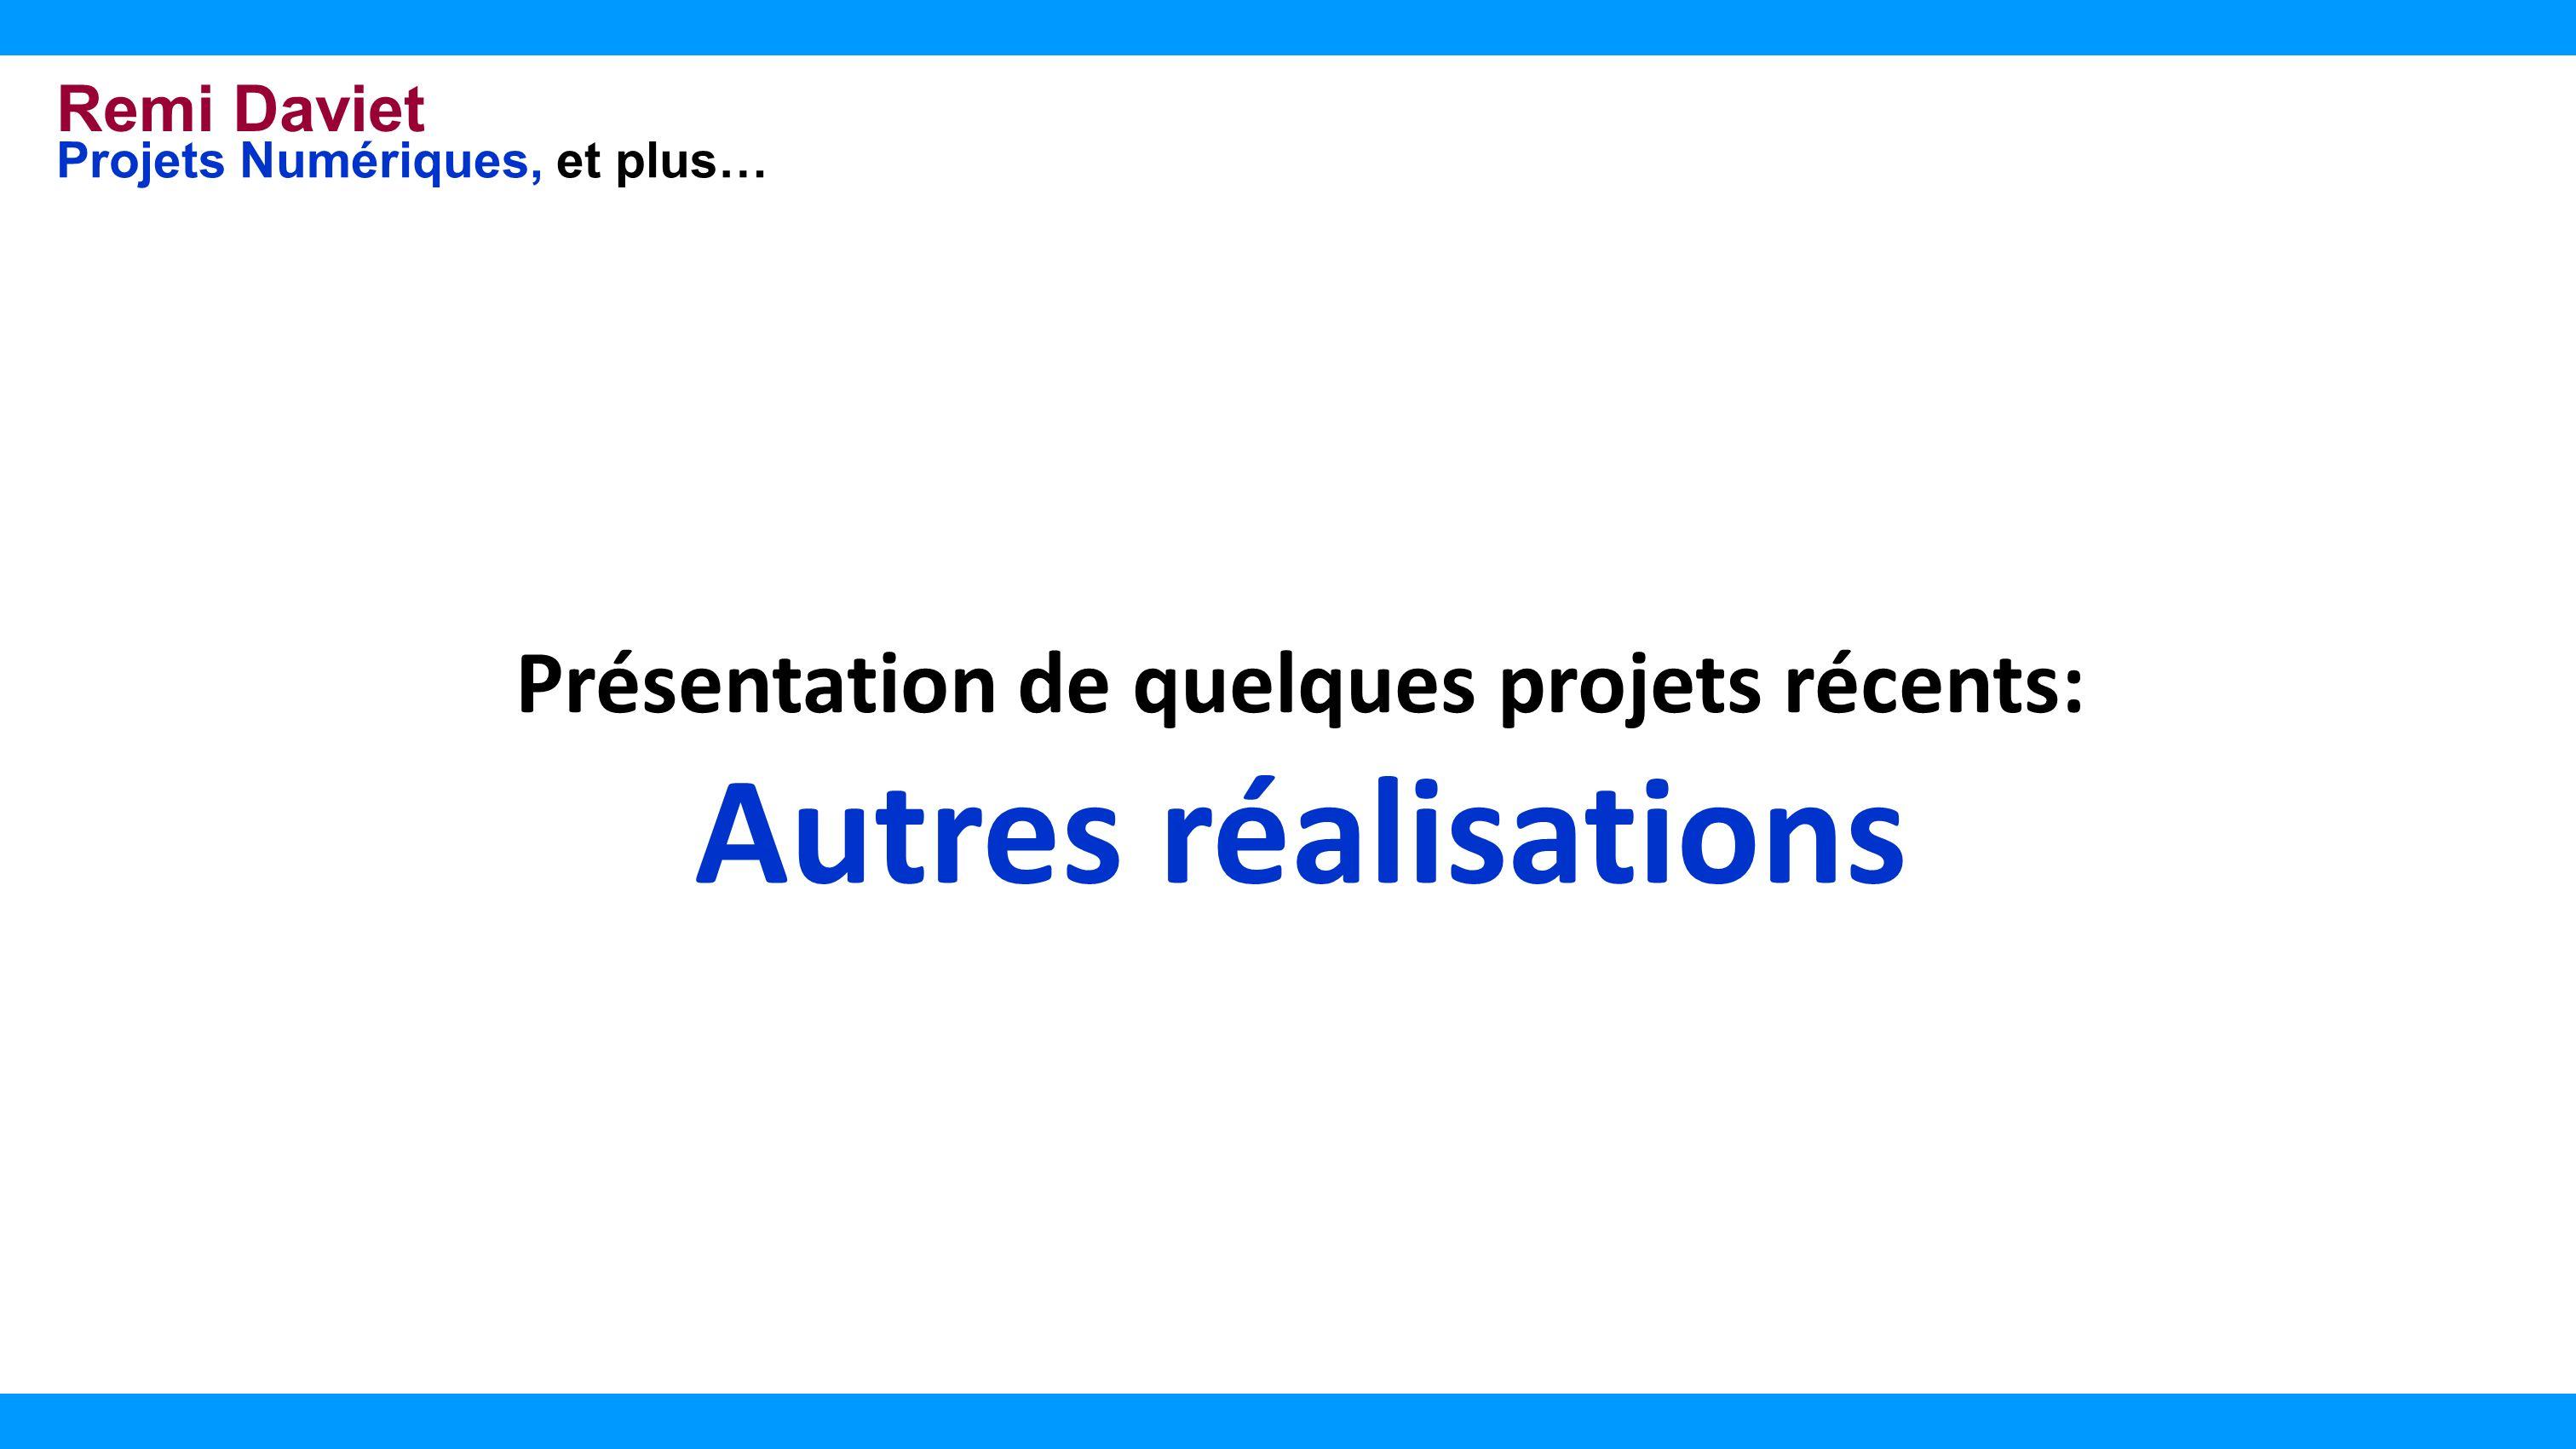 Remi Daviet Projets Numériques, et plus… Présentation de quelques projets récents: Autres réalisations